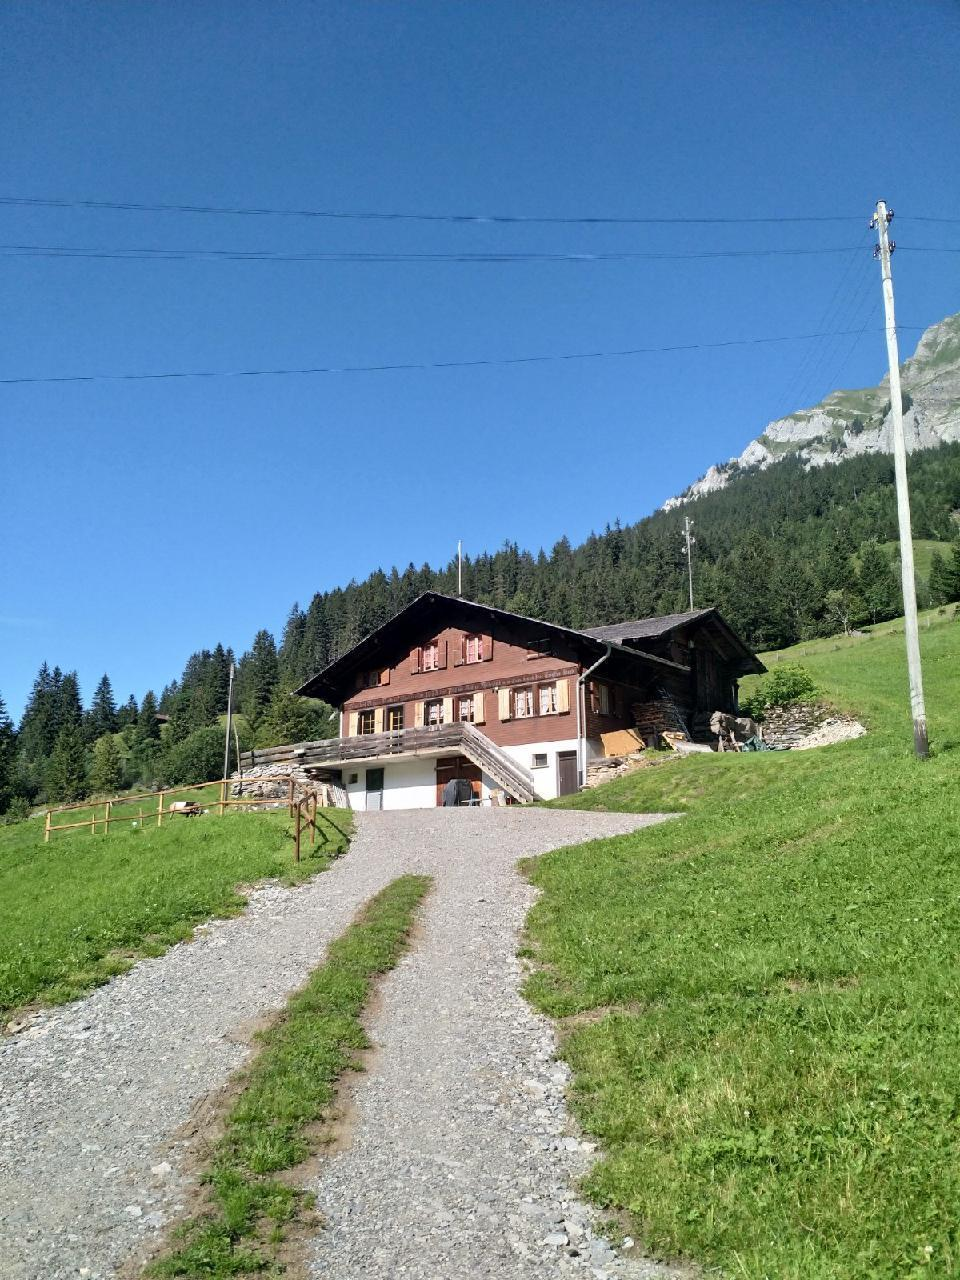 Ferienhaus Willenschwand  Adelboden (1888244), Adelboden, Adelboden - Frutigen - Kandersteg, Berner Oberland, Schweiz, Bild 1